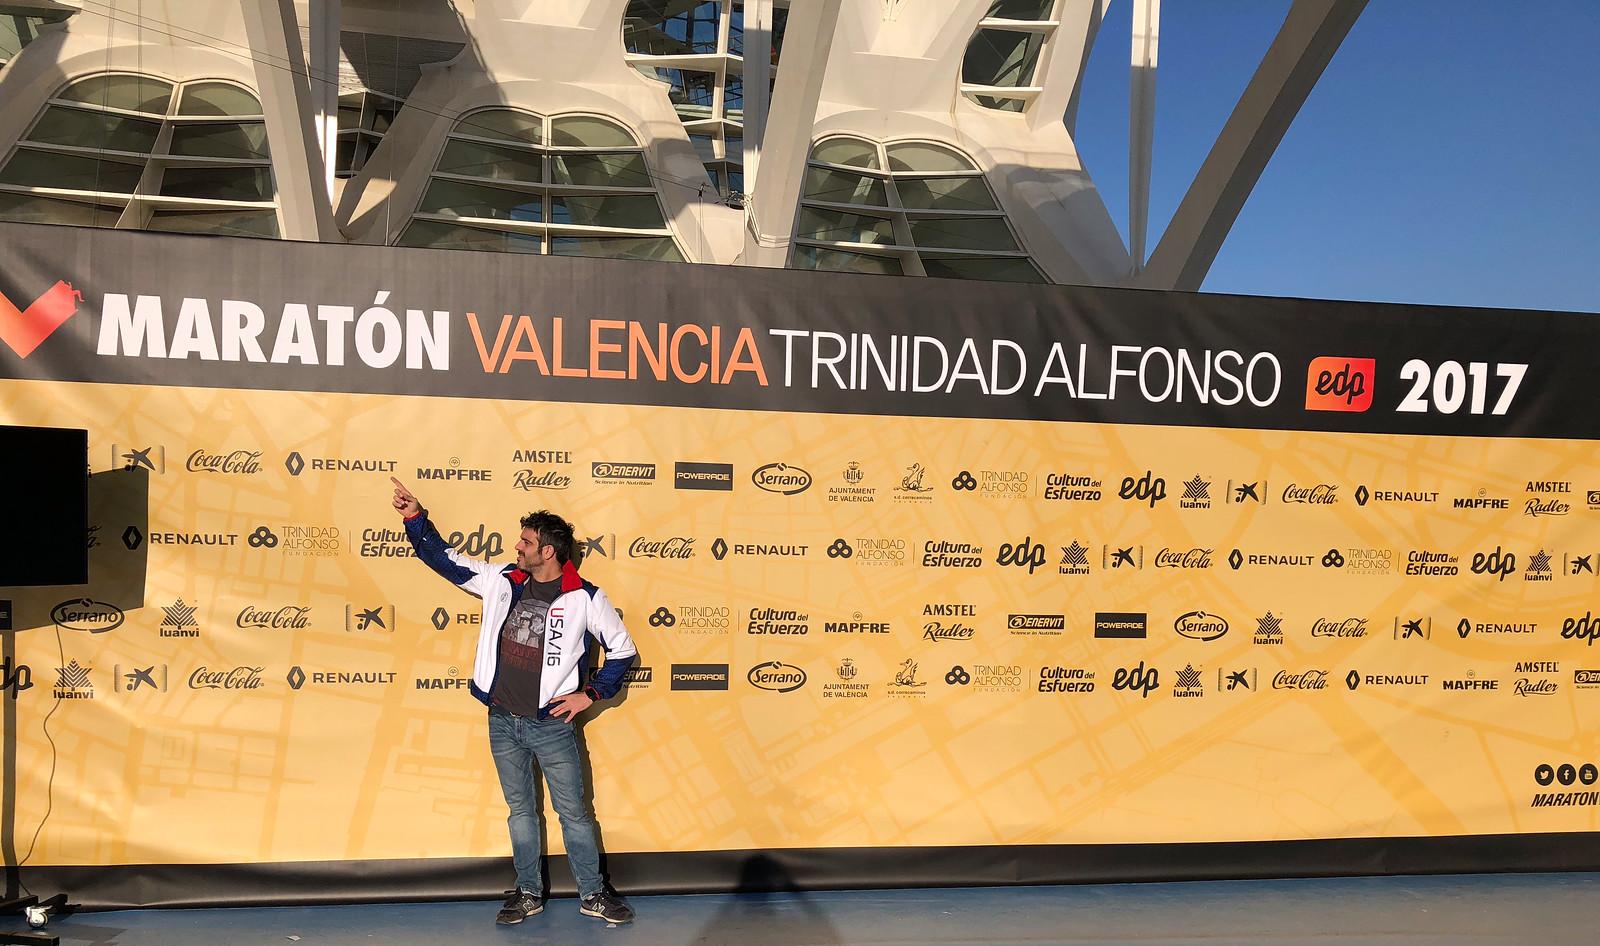 Correr el Maratón de Valencia, España - Marathon Spain maratón de valencia - 47146820282 5c3611f7e6 h - Maratón de Valencia: análisis, recorrido, entrenamiento y recomendaciones de viaje